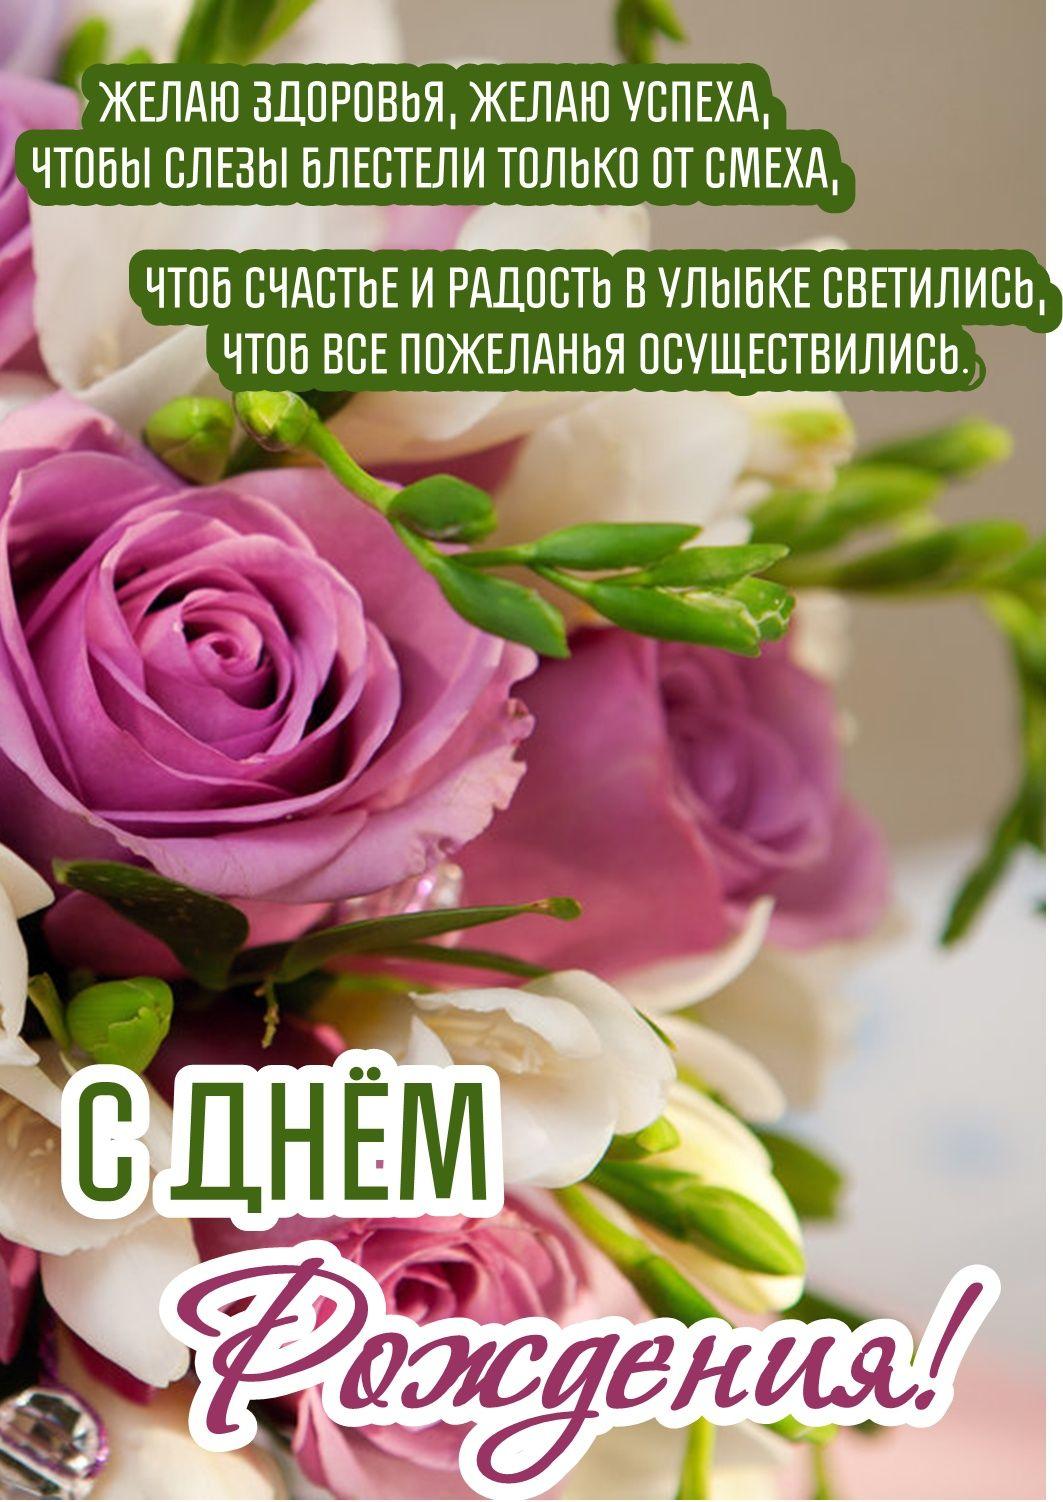 Pozdravleniya S Dnem Rozhdeniya Krasivye V Proze Zhenshine Muzhchine Podruge Mama Sestre S Dnem Rozhdeniya Pozdravitelnye Otkrytki Prazdnichnye Otkrytki